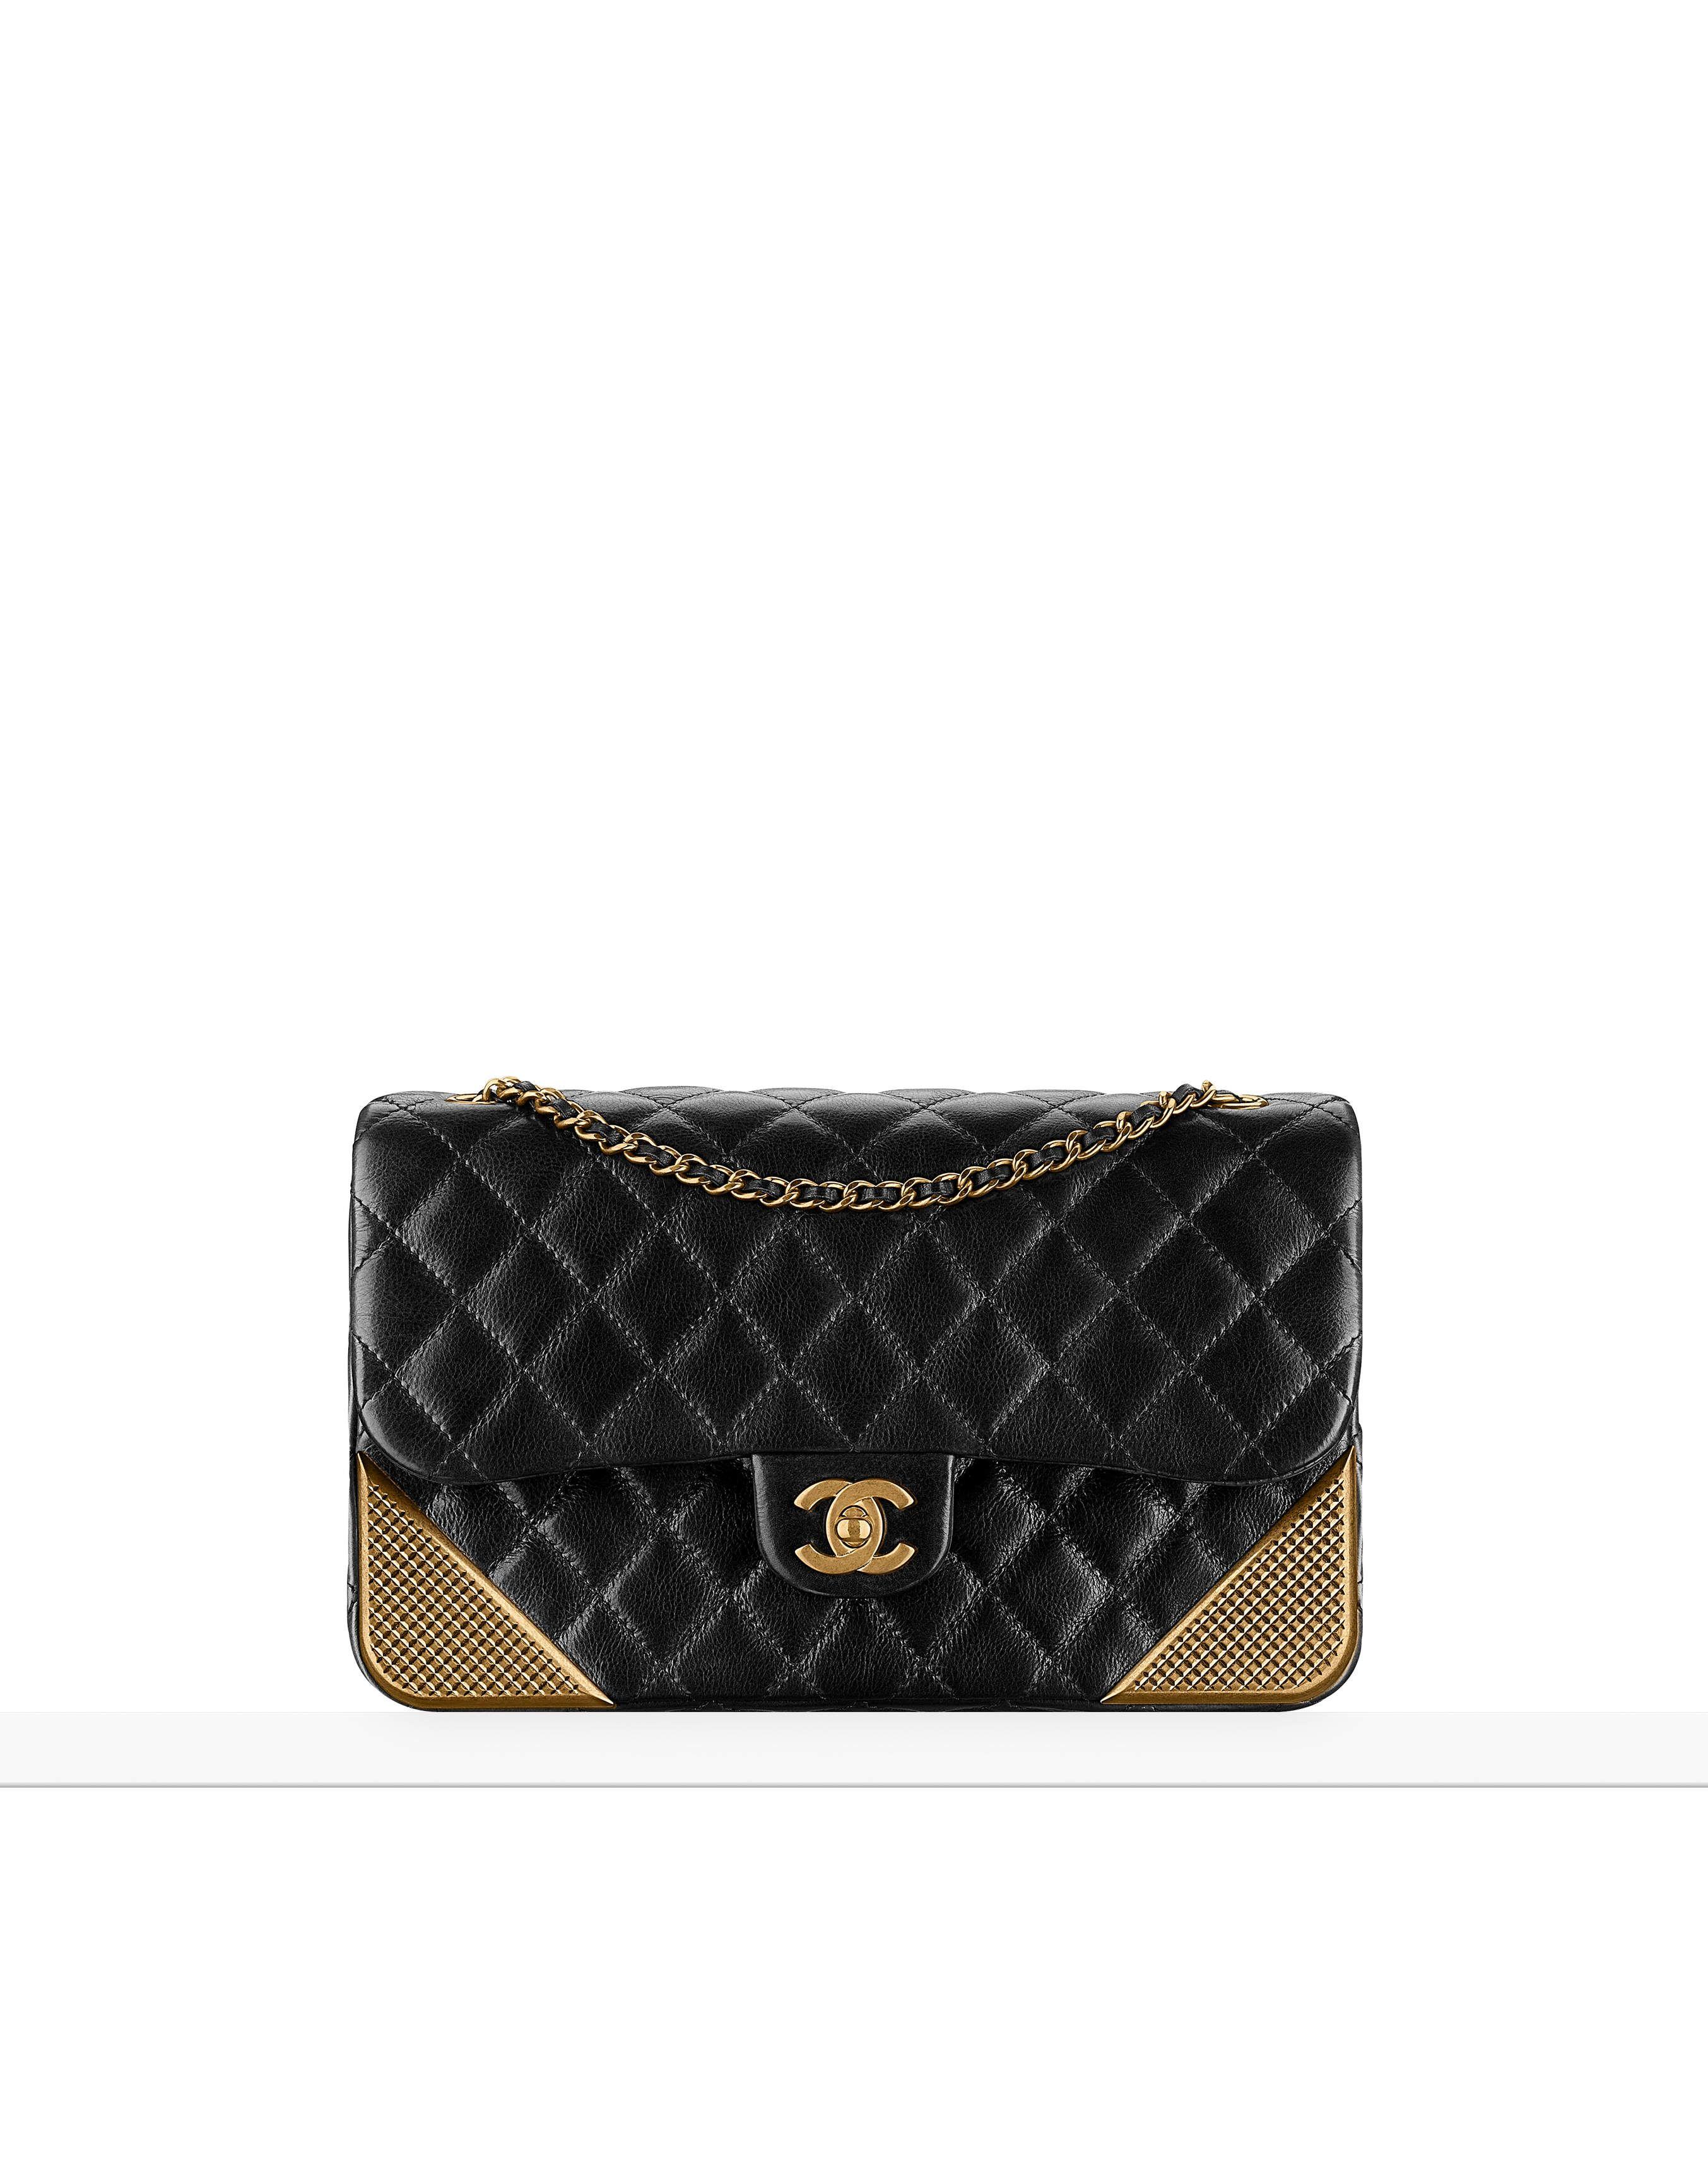 ac668487e4f4 Pre-Owned Chanel Boy Wallet on a Chain Bag WOC Dark Purple Burgundy...  (4